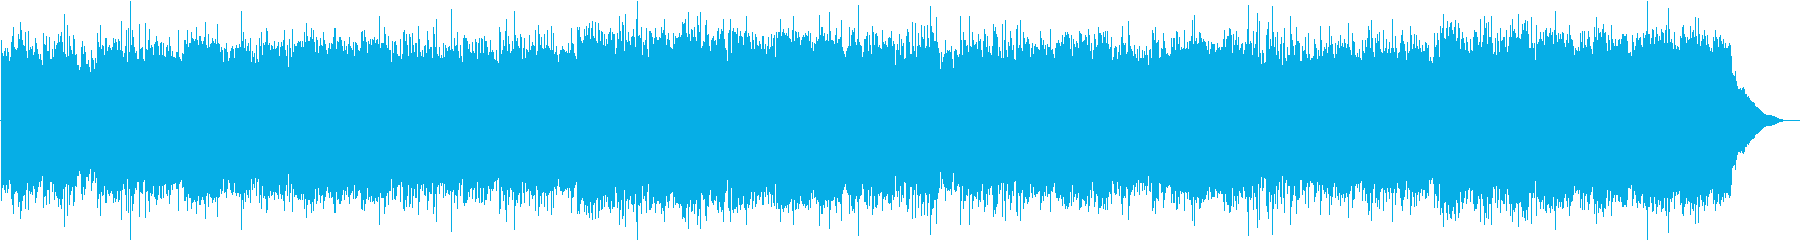 和楽器をたくさん使った重低音の曲の再生済みの波形